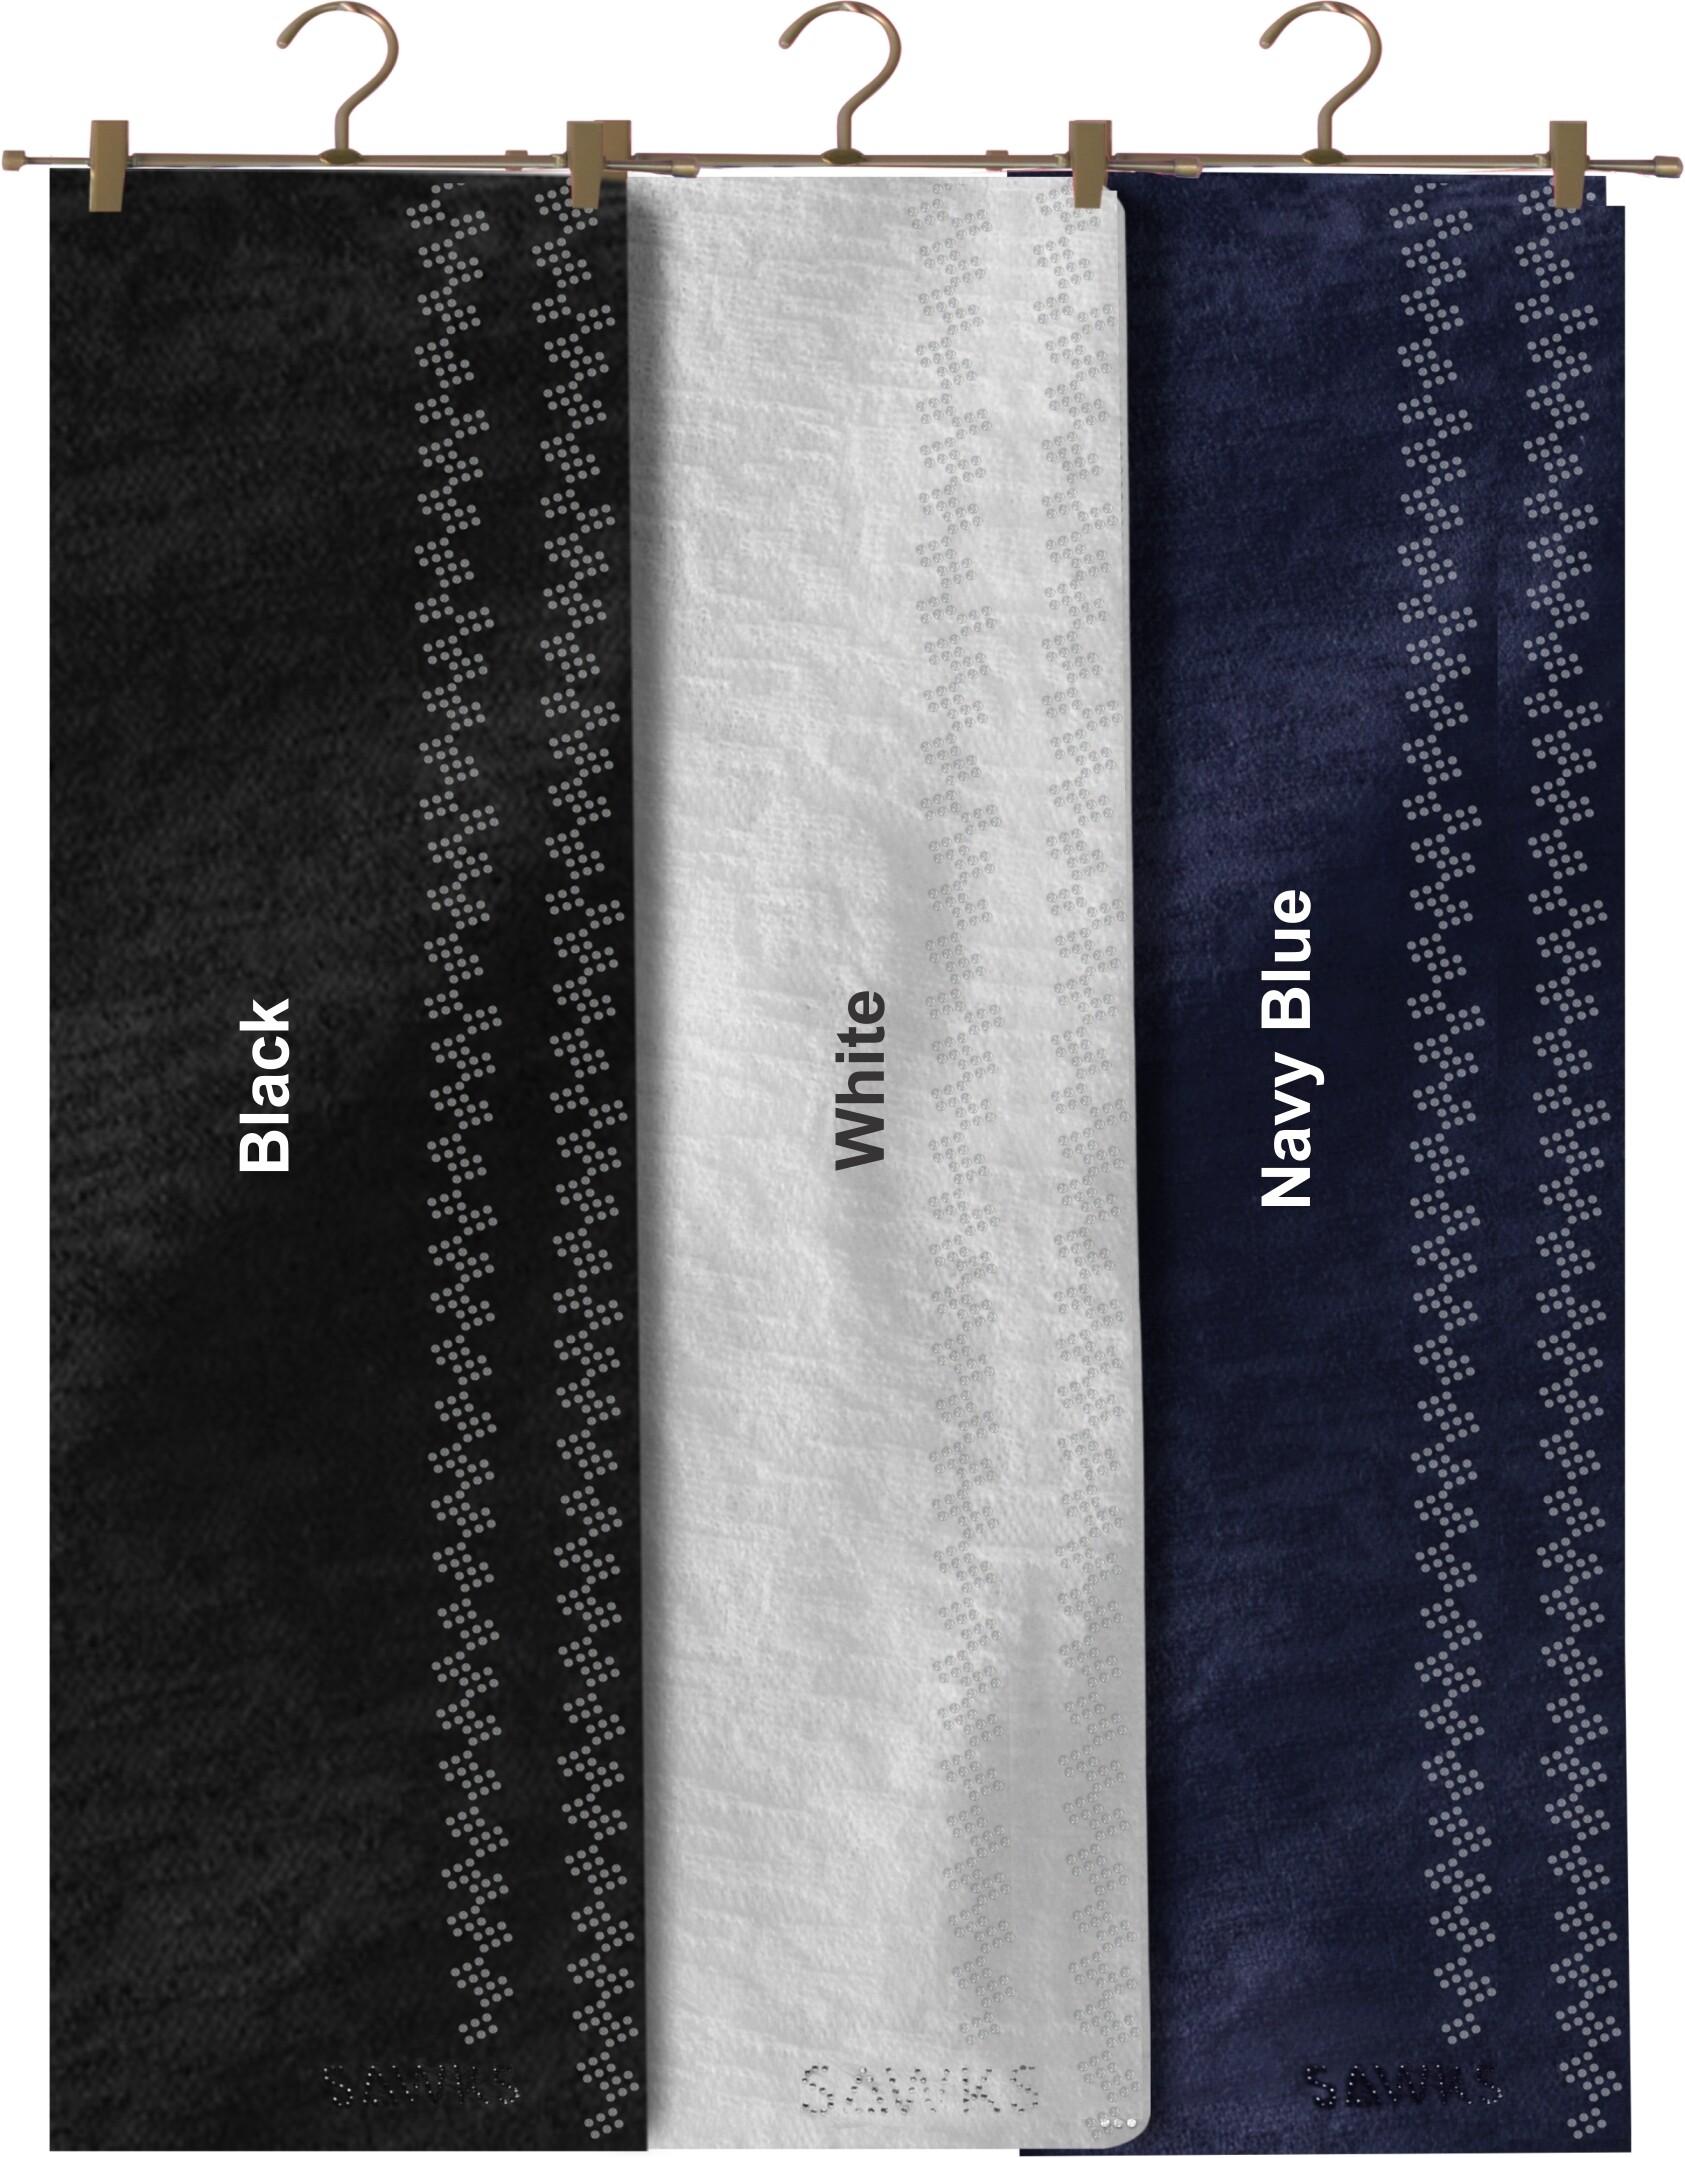 Sawks Hijab Long Shawl - ZigZag Rhinestones Design